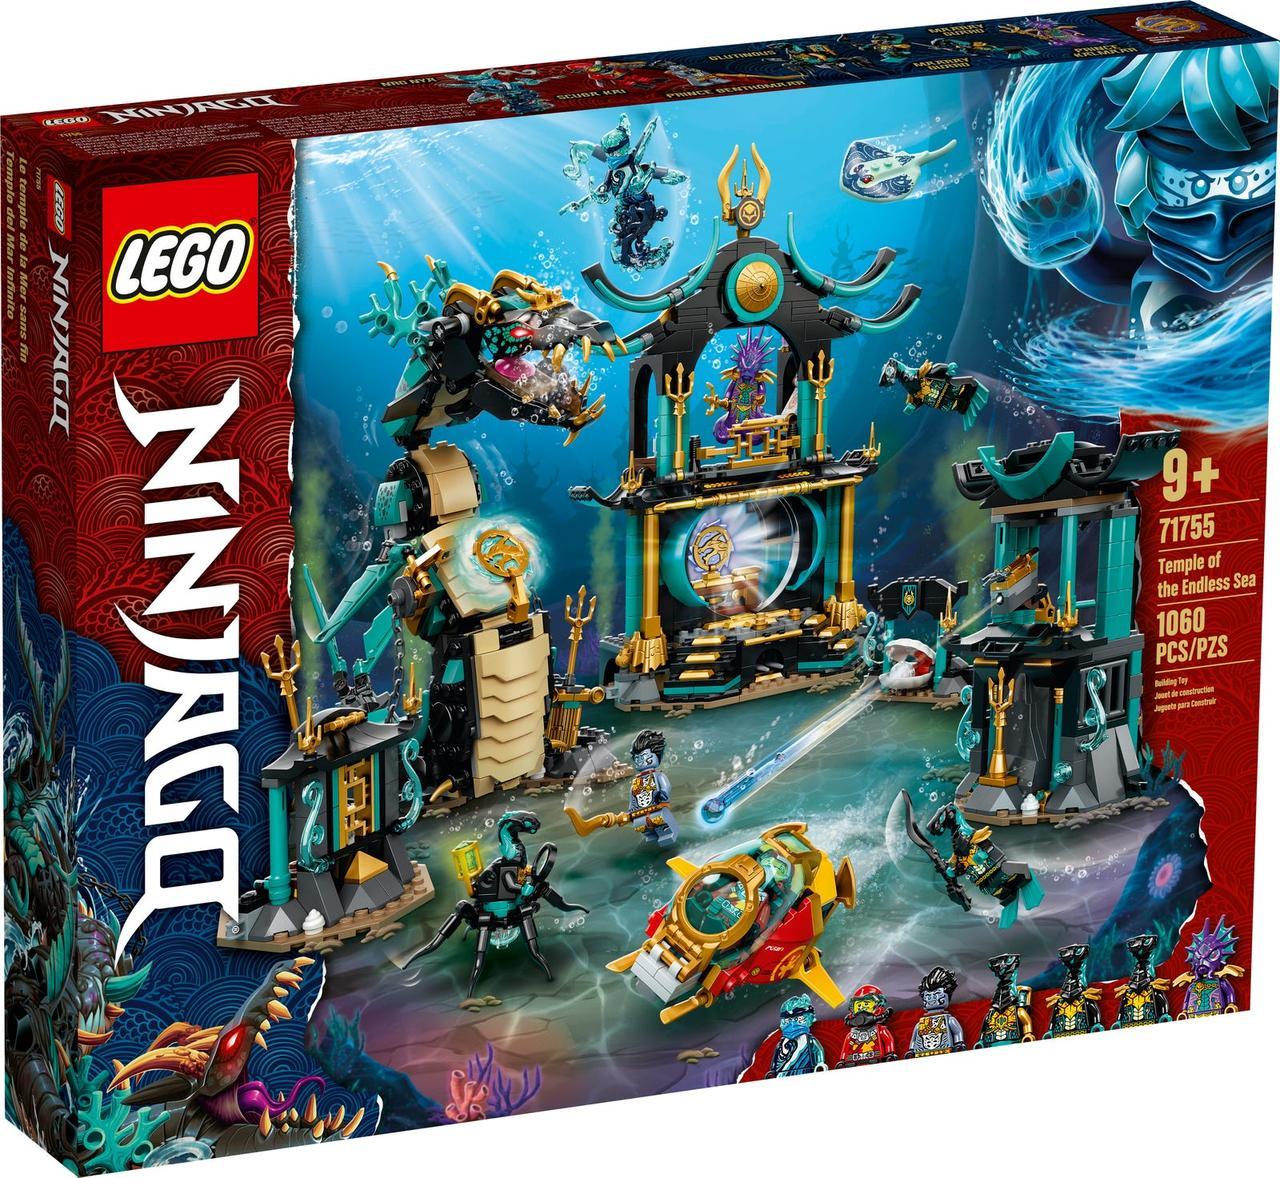 71755 Lego Ninjago Храм Бескрайнего моря, Лего Ниндзяго - фото 1